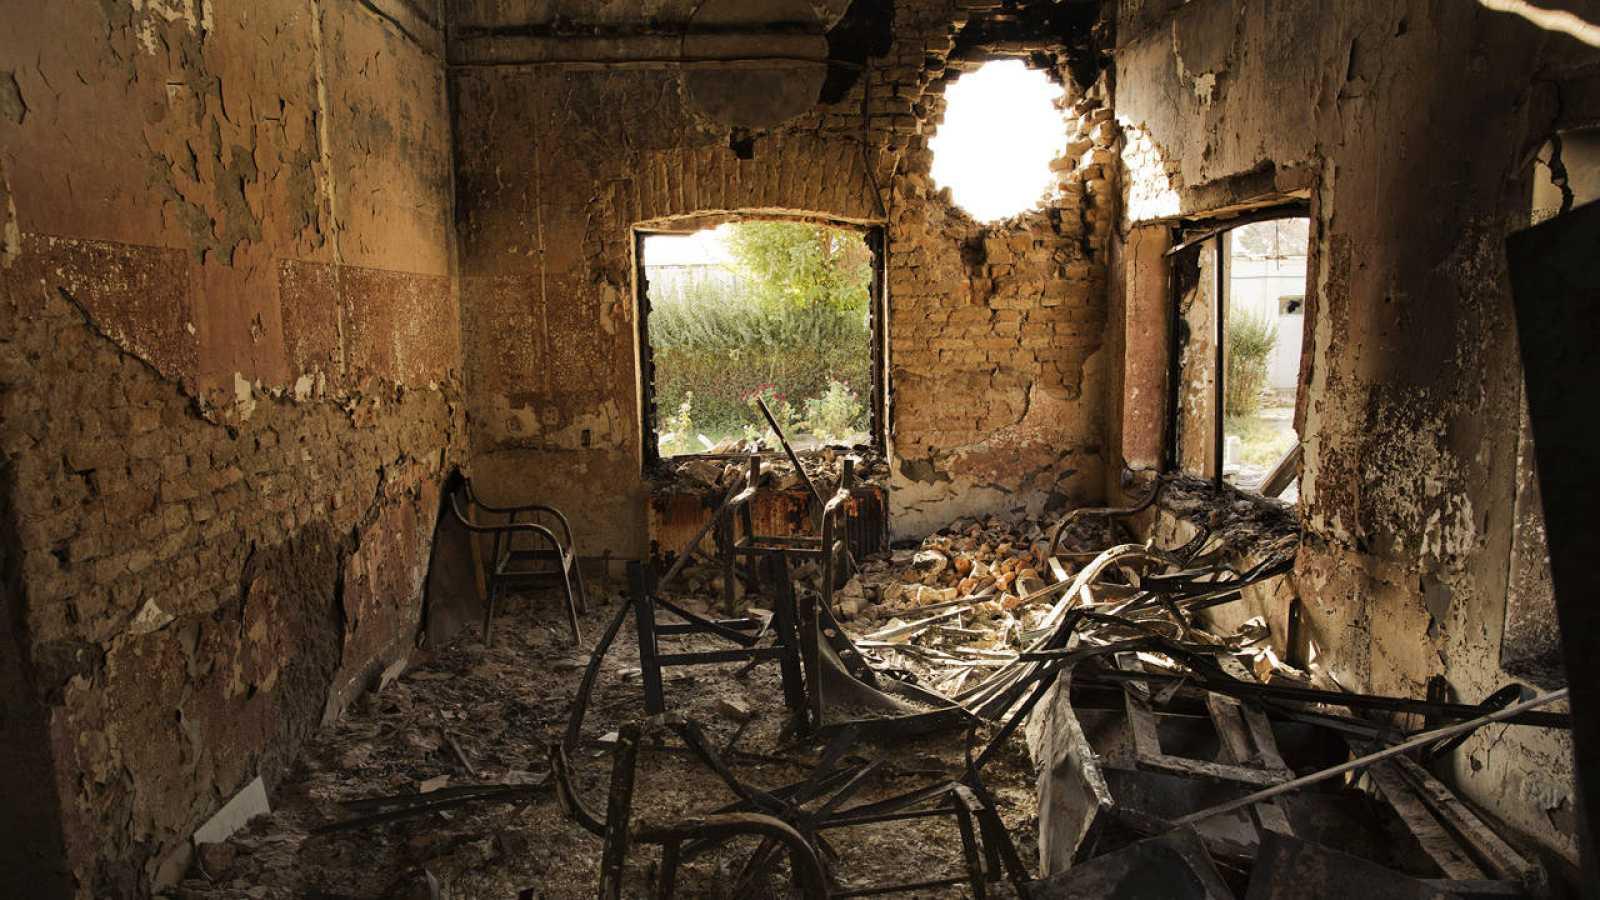 Dependencias del hospital de MSF en Kunduf, al norte de Afganistán, tras el ataque del 3 de octubre